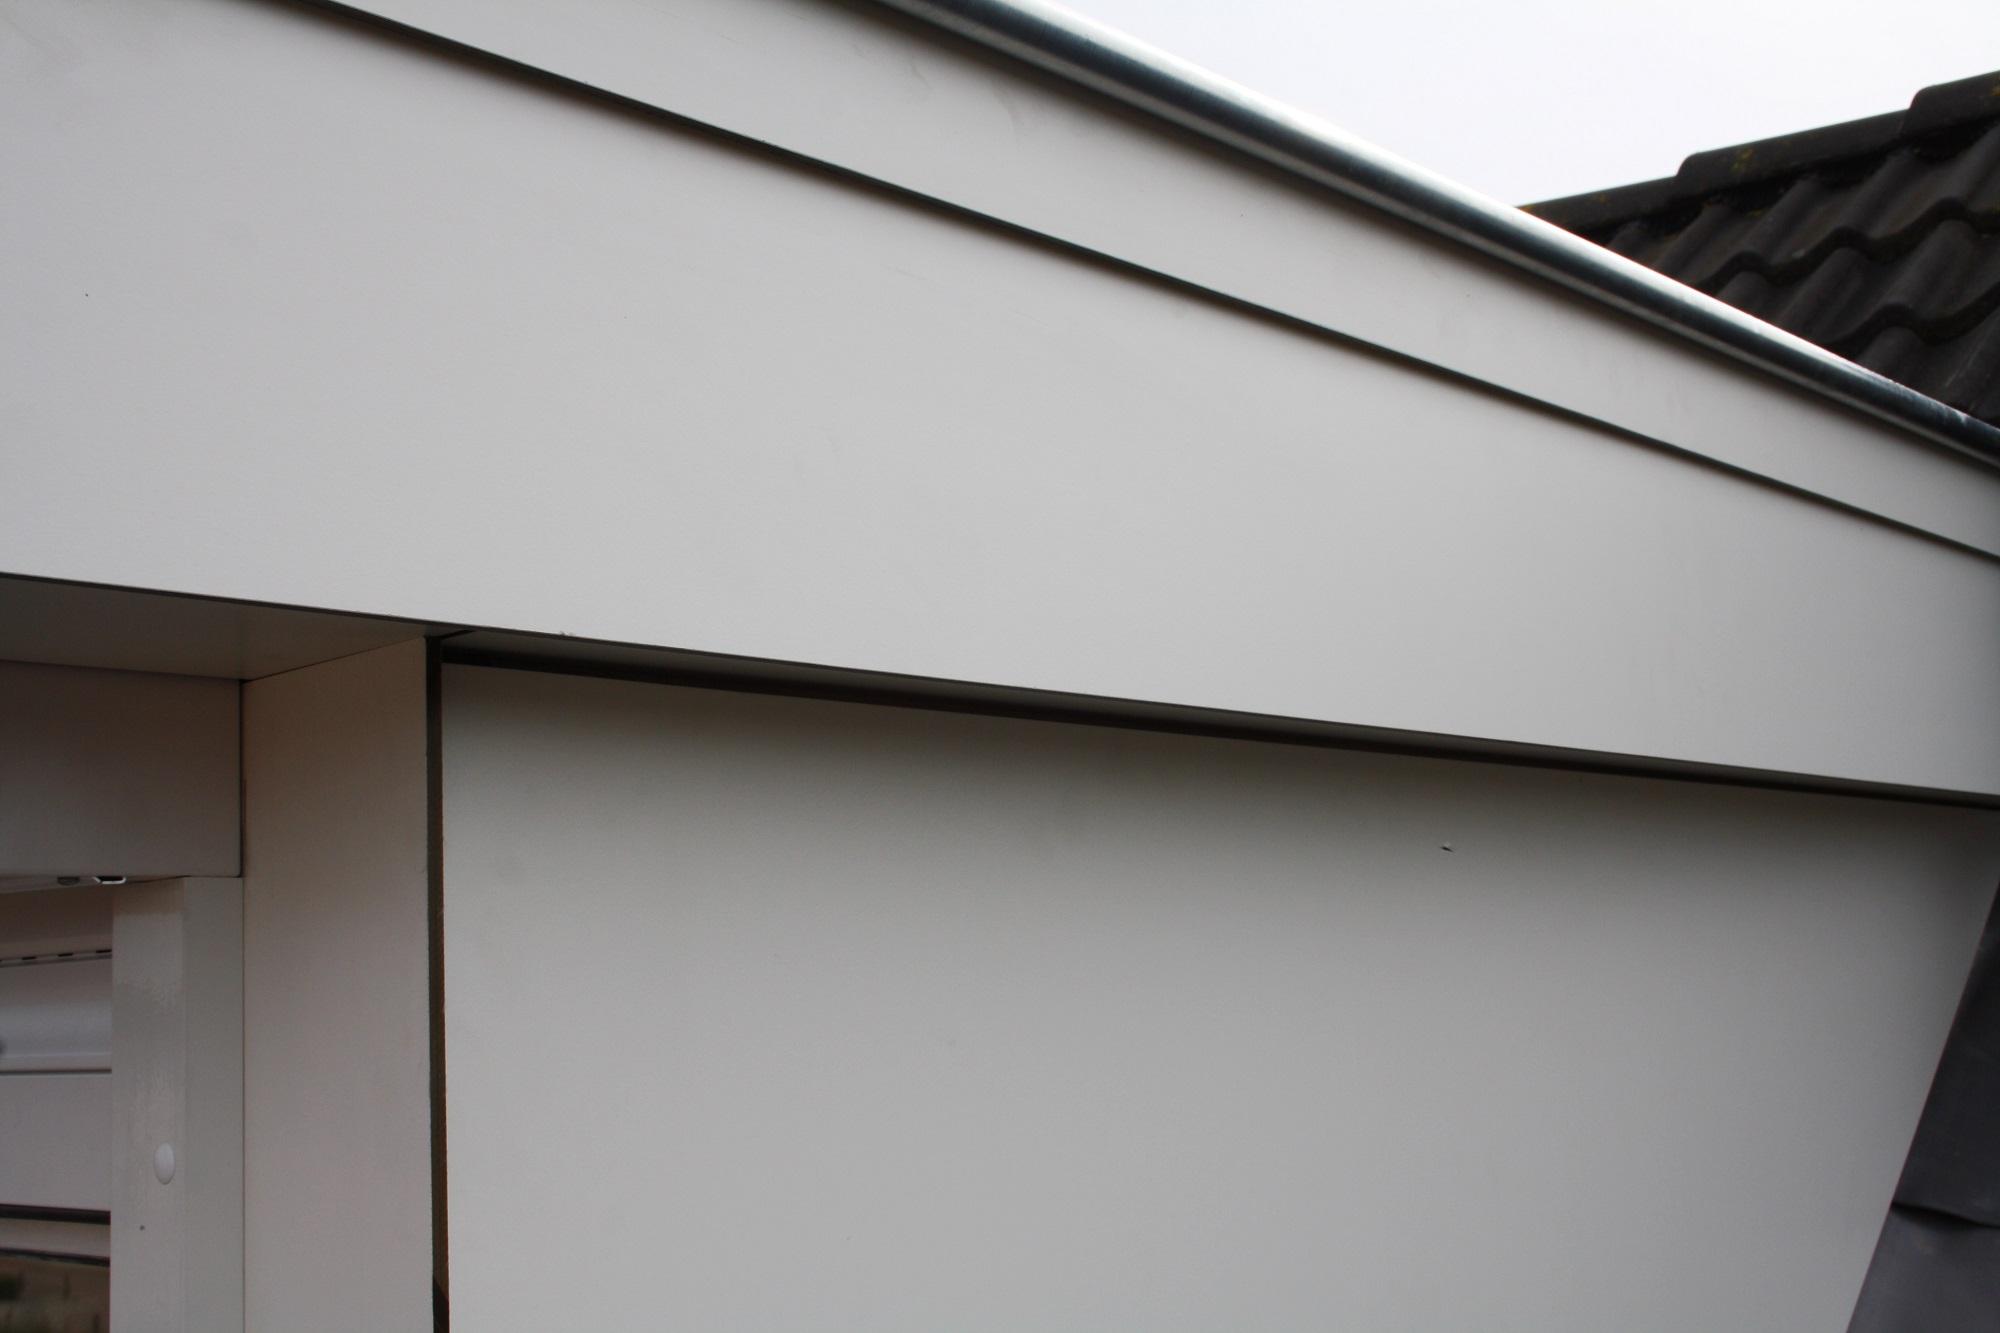 Van grinsven dakkapellen kunststof dakkapel 5 meter - Kleur schilderij zink ...